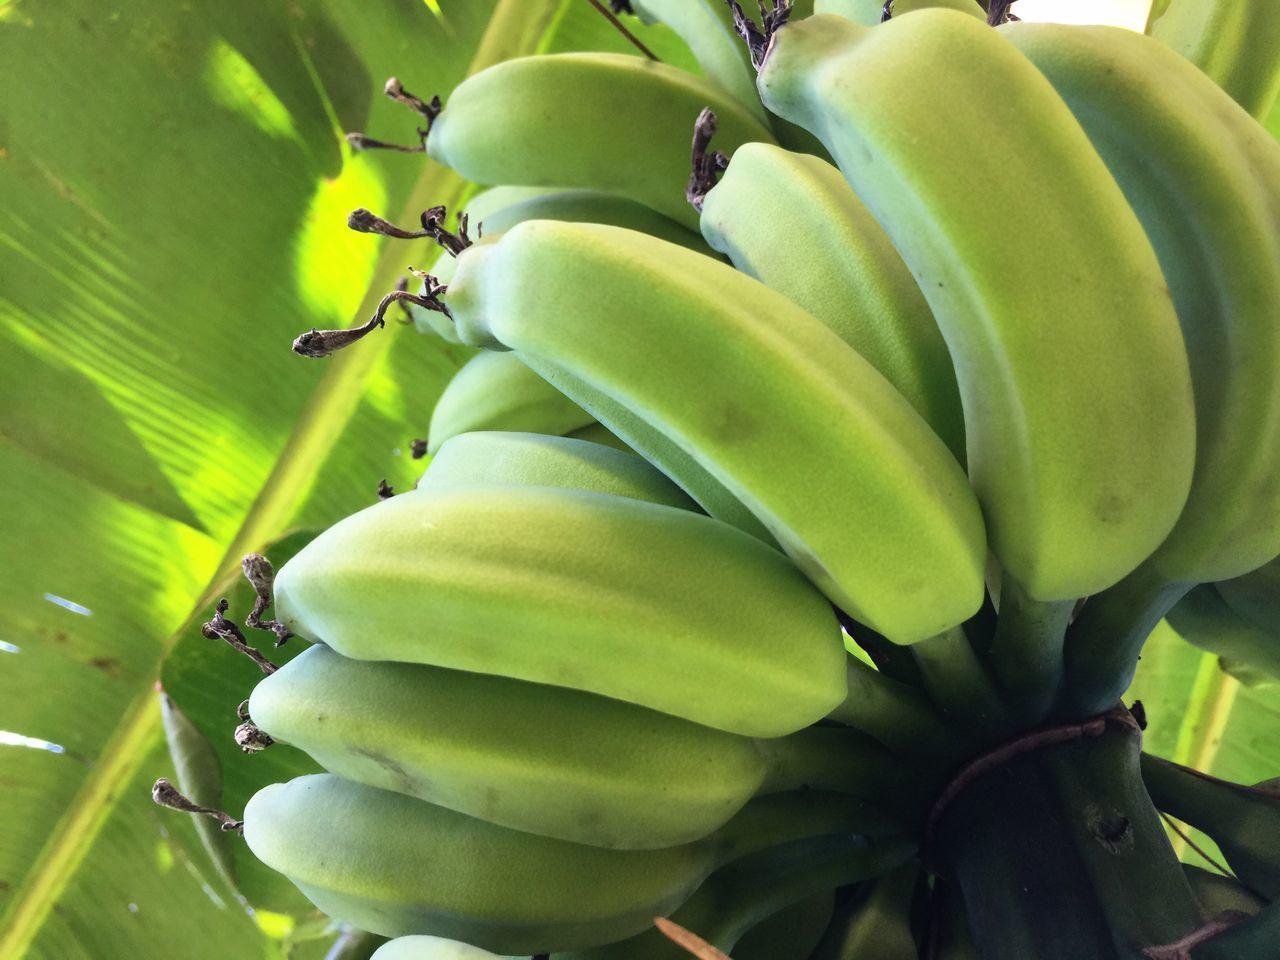 Backyard Bananas Fruit Florida IPhoneography Banana Bananas Green Bananas Green Banana